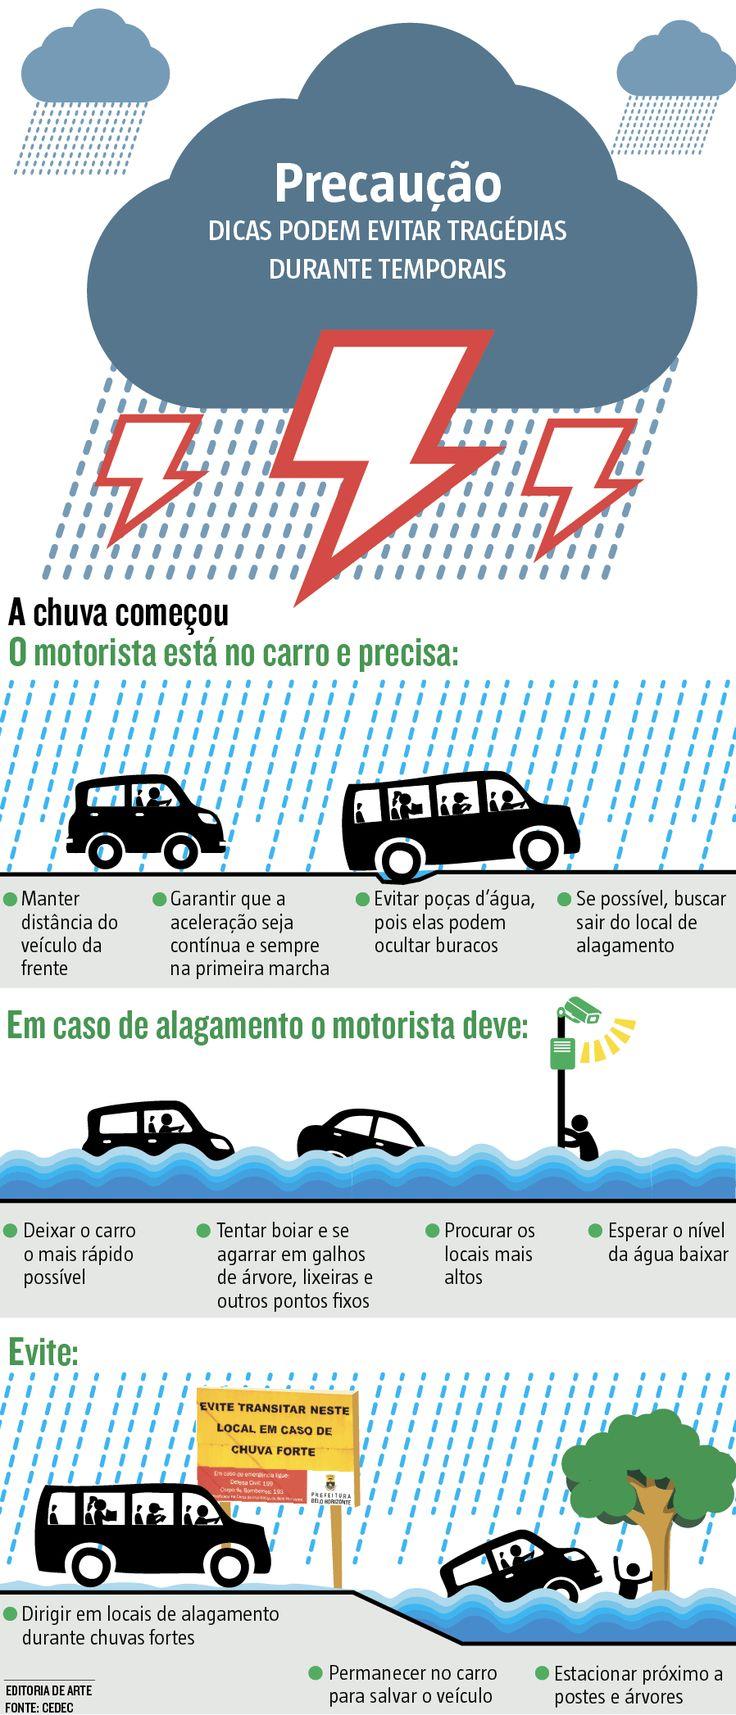 Regiões com maior risco de inundação, alagamentos e enxurradas, em Belo Horizonte, recebem nesta quinta-feira (29) uma blitz educativa com dicas de prevenção neste período chuvoso. (30/12/2016) #Chuva #Dicas #Precaução #Inundação #Enchente #Infográfico #Infografia #HojeEmDia